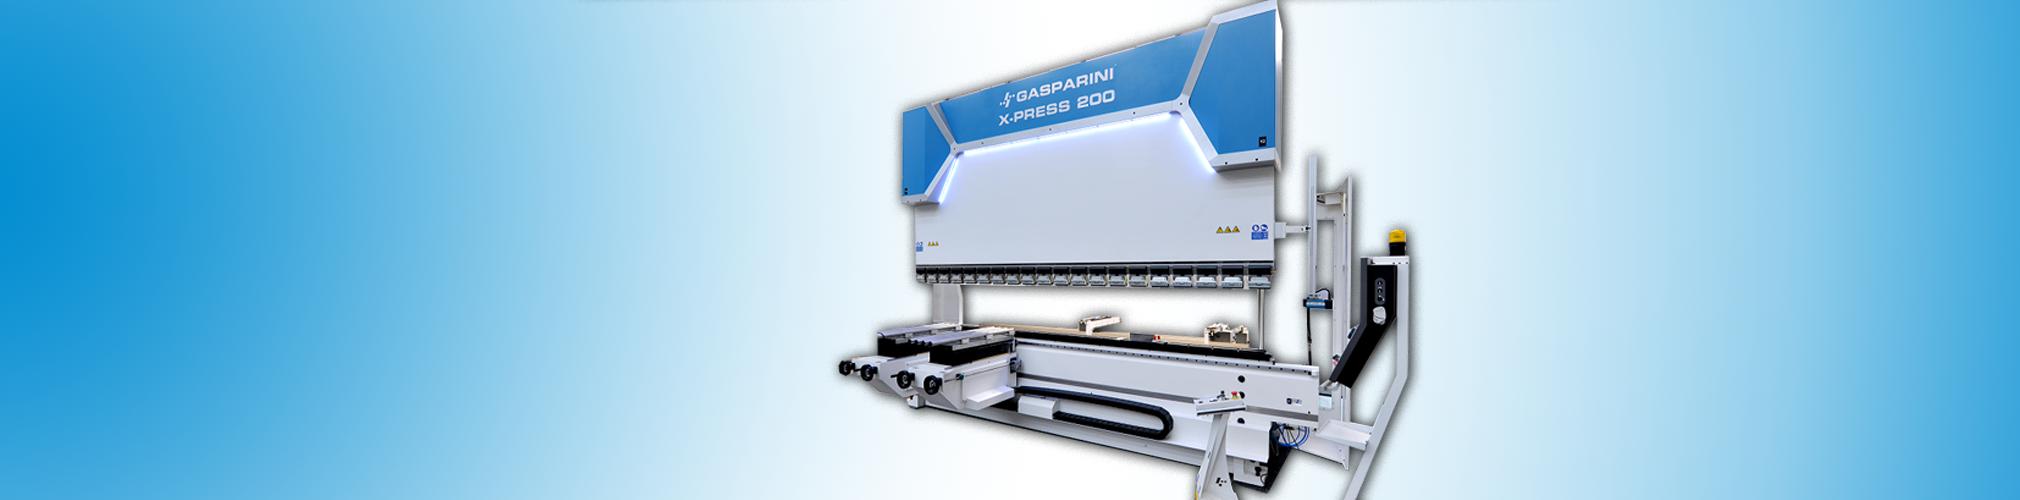 metal metaalbewerking nibbelautomaat rolvormmachine afkortmachine waterjet snijmachine profielwals plaatwals ductzipper